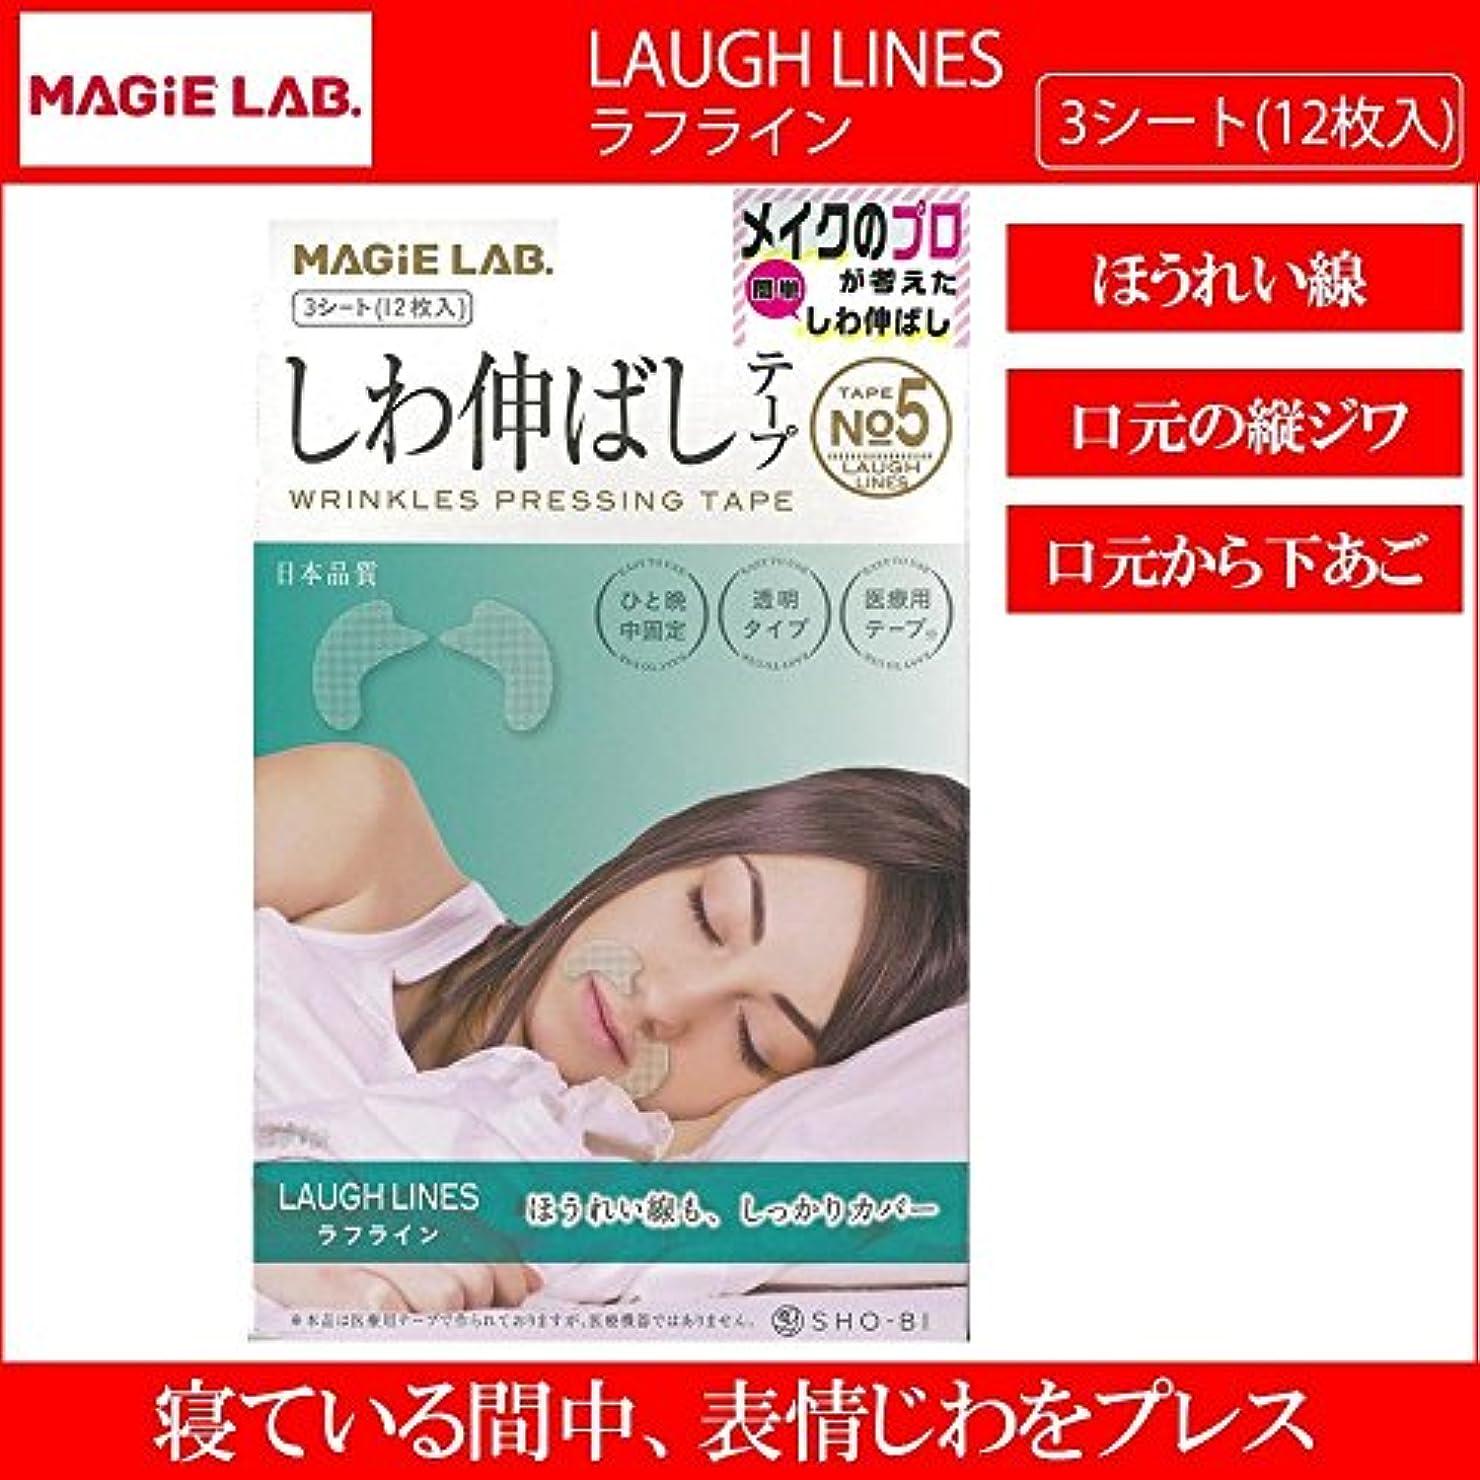 自宅でバター音MAGiE LAB.(マジラボ) しわ伸ばしテープ NO.5 LAUGH LINES(ラフライン) 3シート(12枚入) MG22149